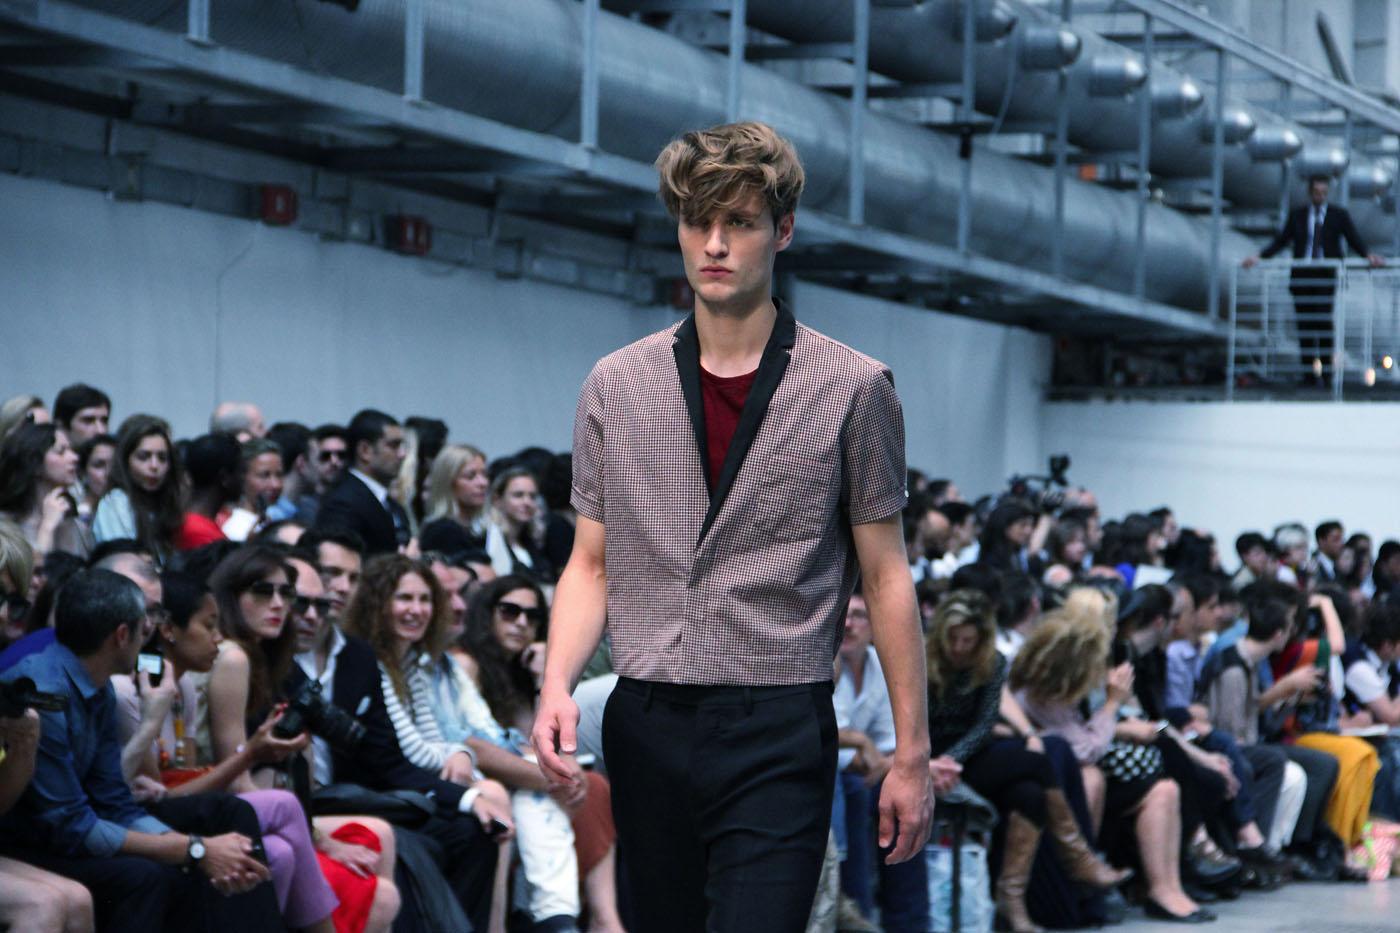 costume-national-homme-spring-summer-2012-men-collection-milano-fashion-week-2012-costume-national-homme-primavera-estate-catwalk-2012